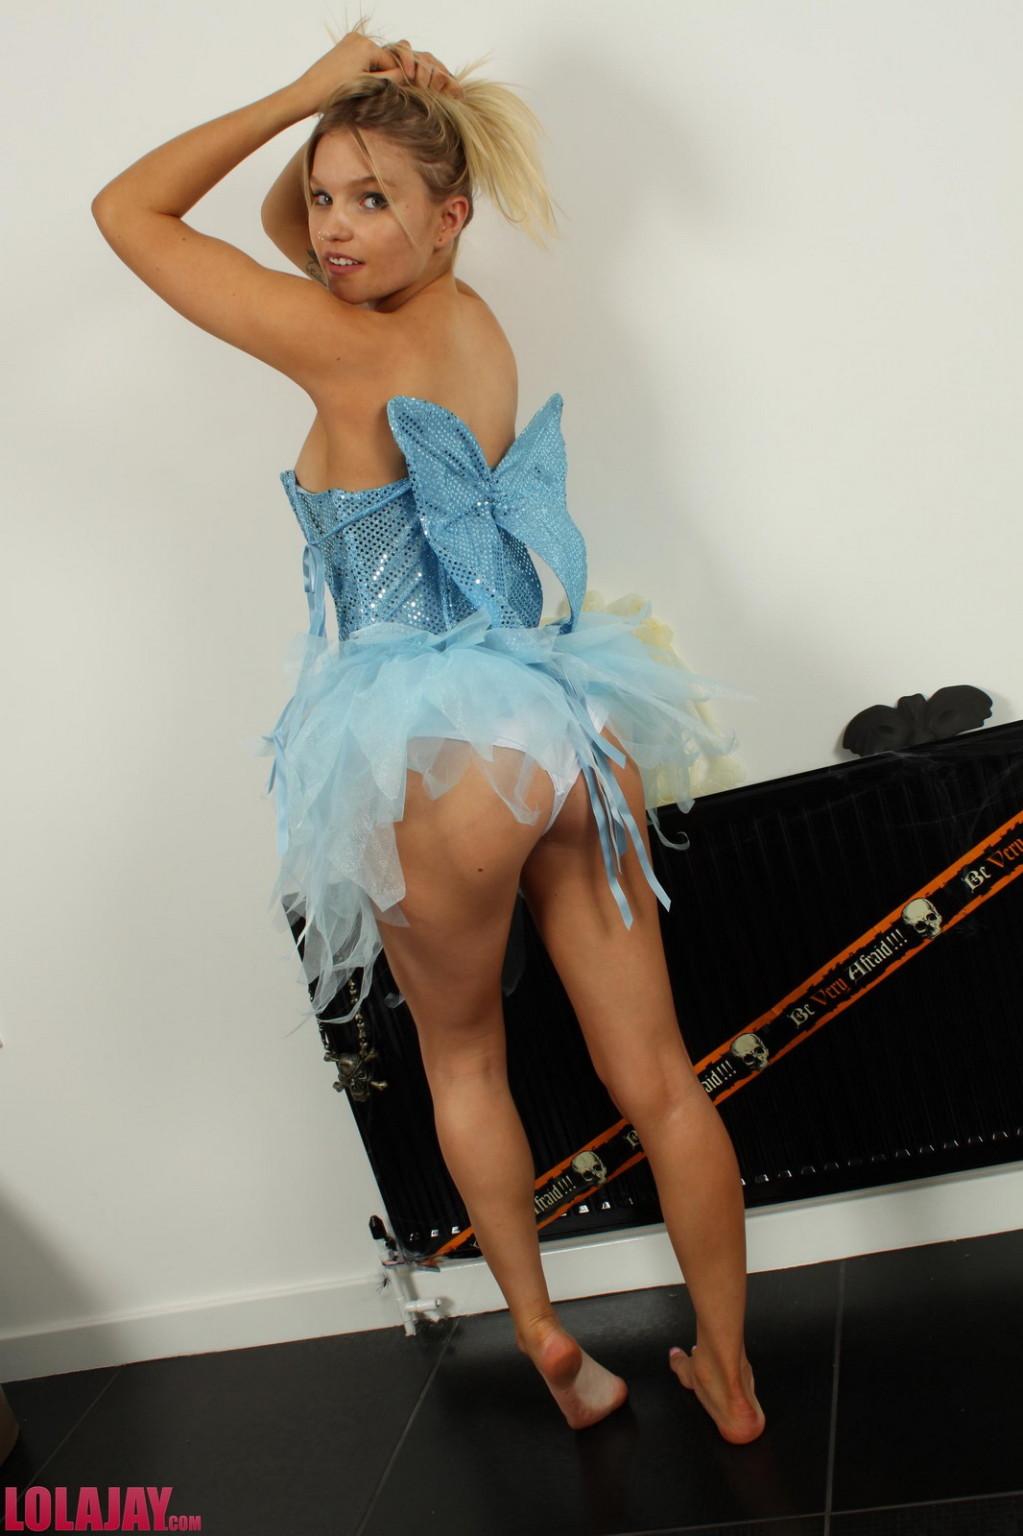 Лола Джей раздевается после Хэллоуина и показывает свое стройное молодое тело